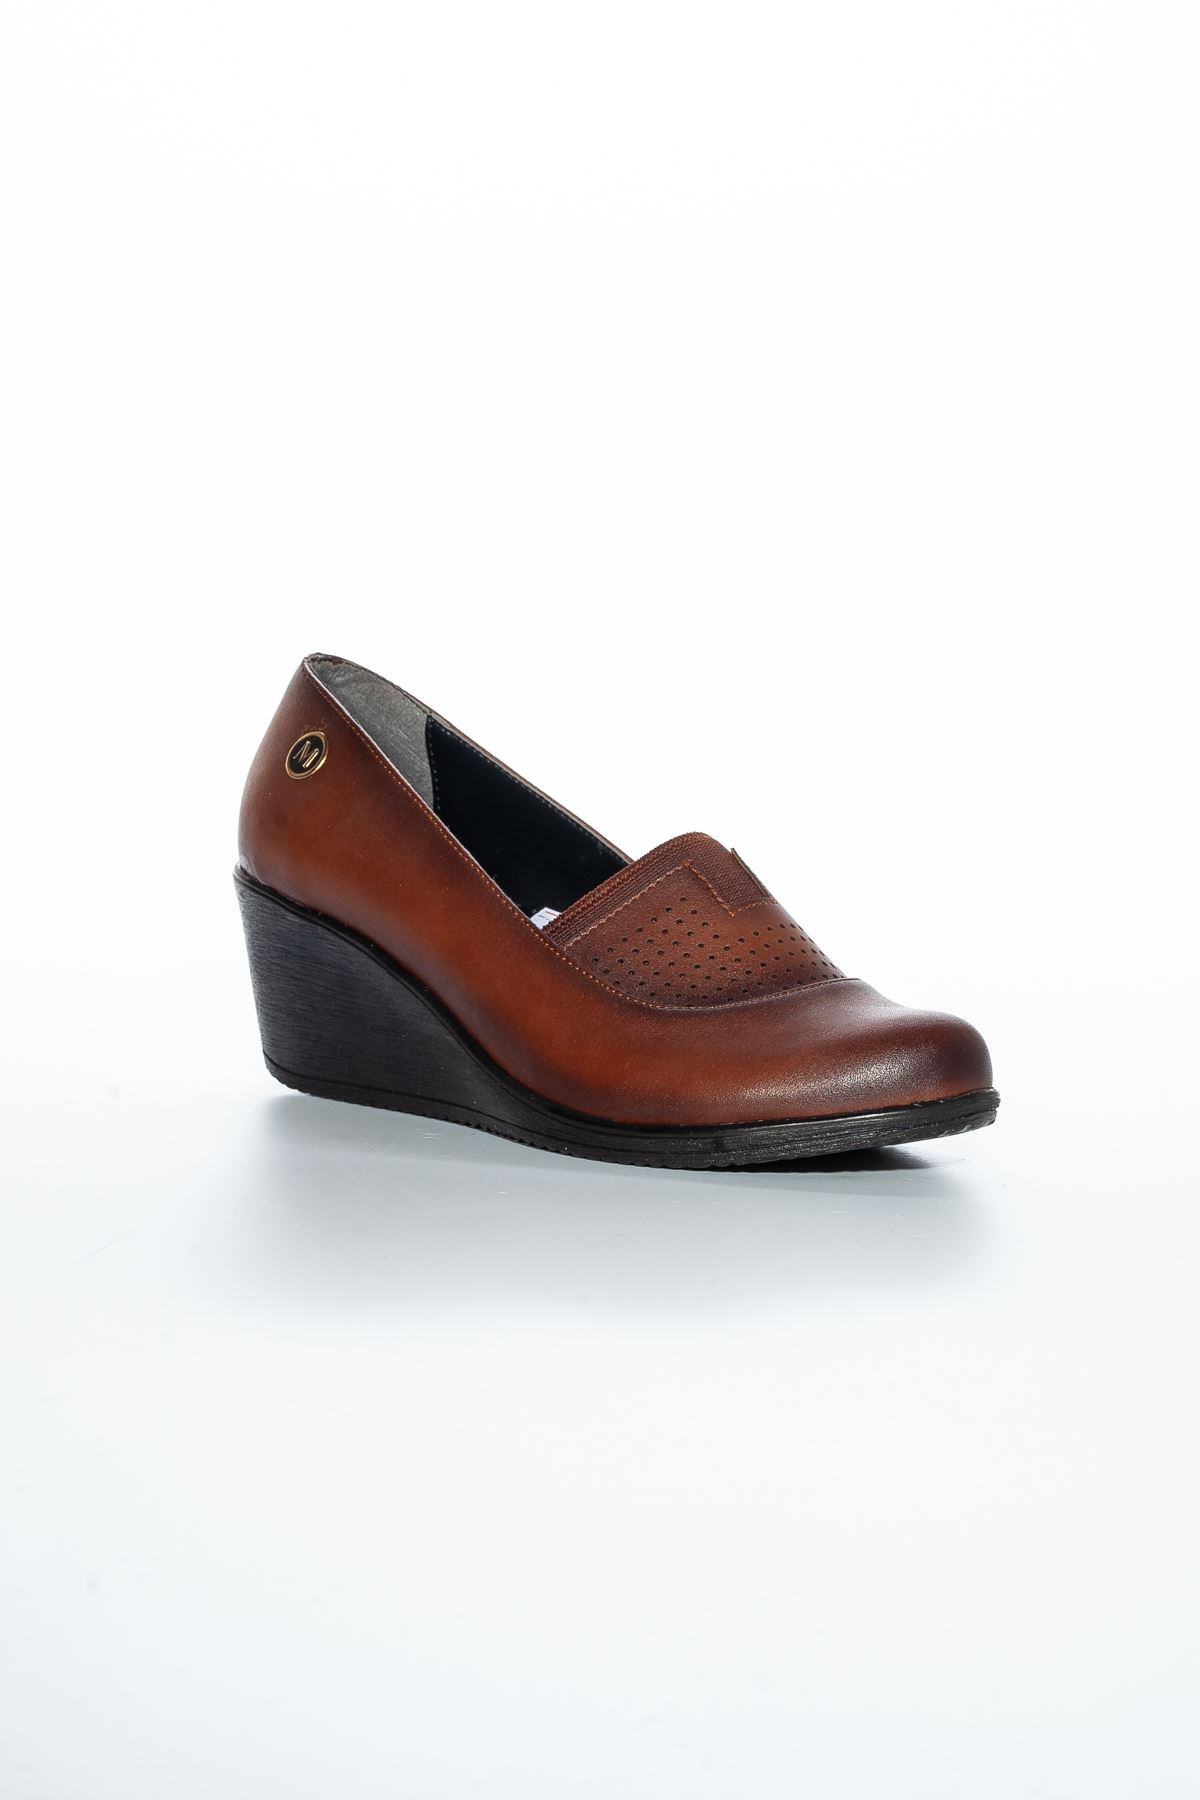 Alka Cilt Ayakkabı Taba